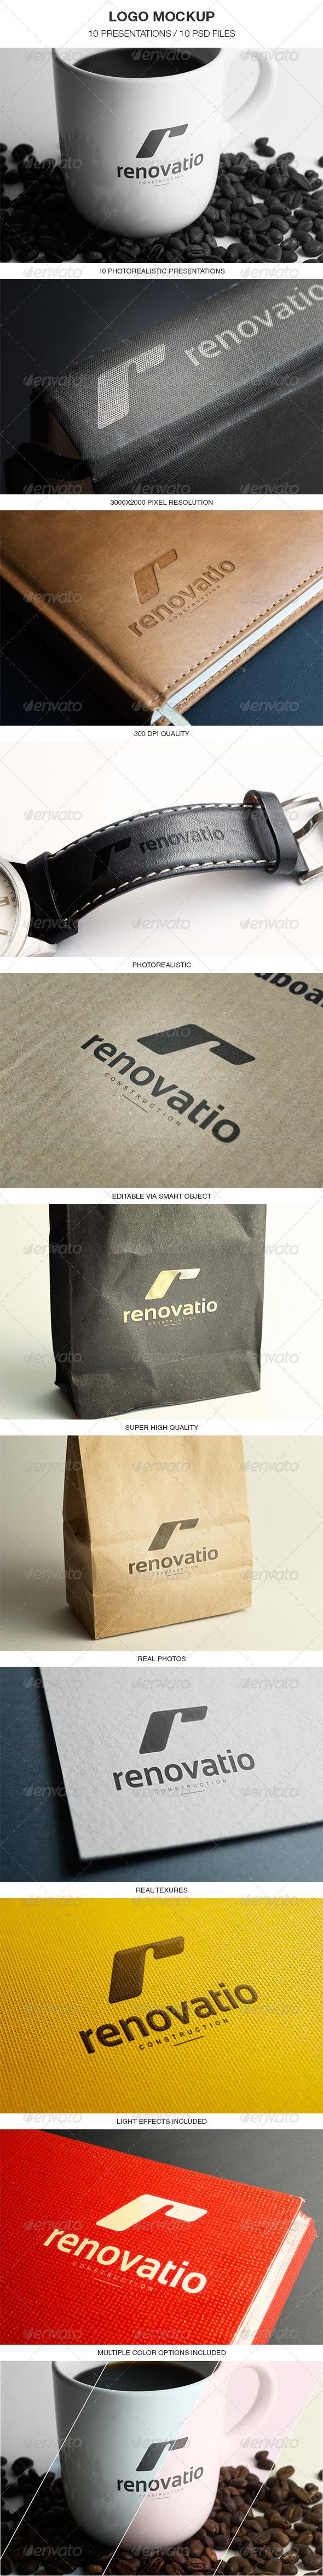 10 Photorealistic Logo Mockups - Logo Product Mock-Ups